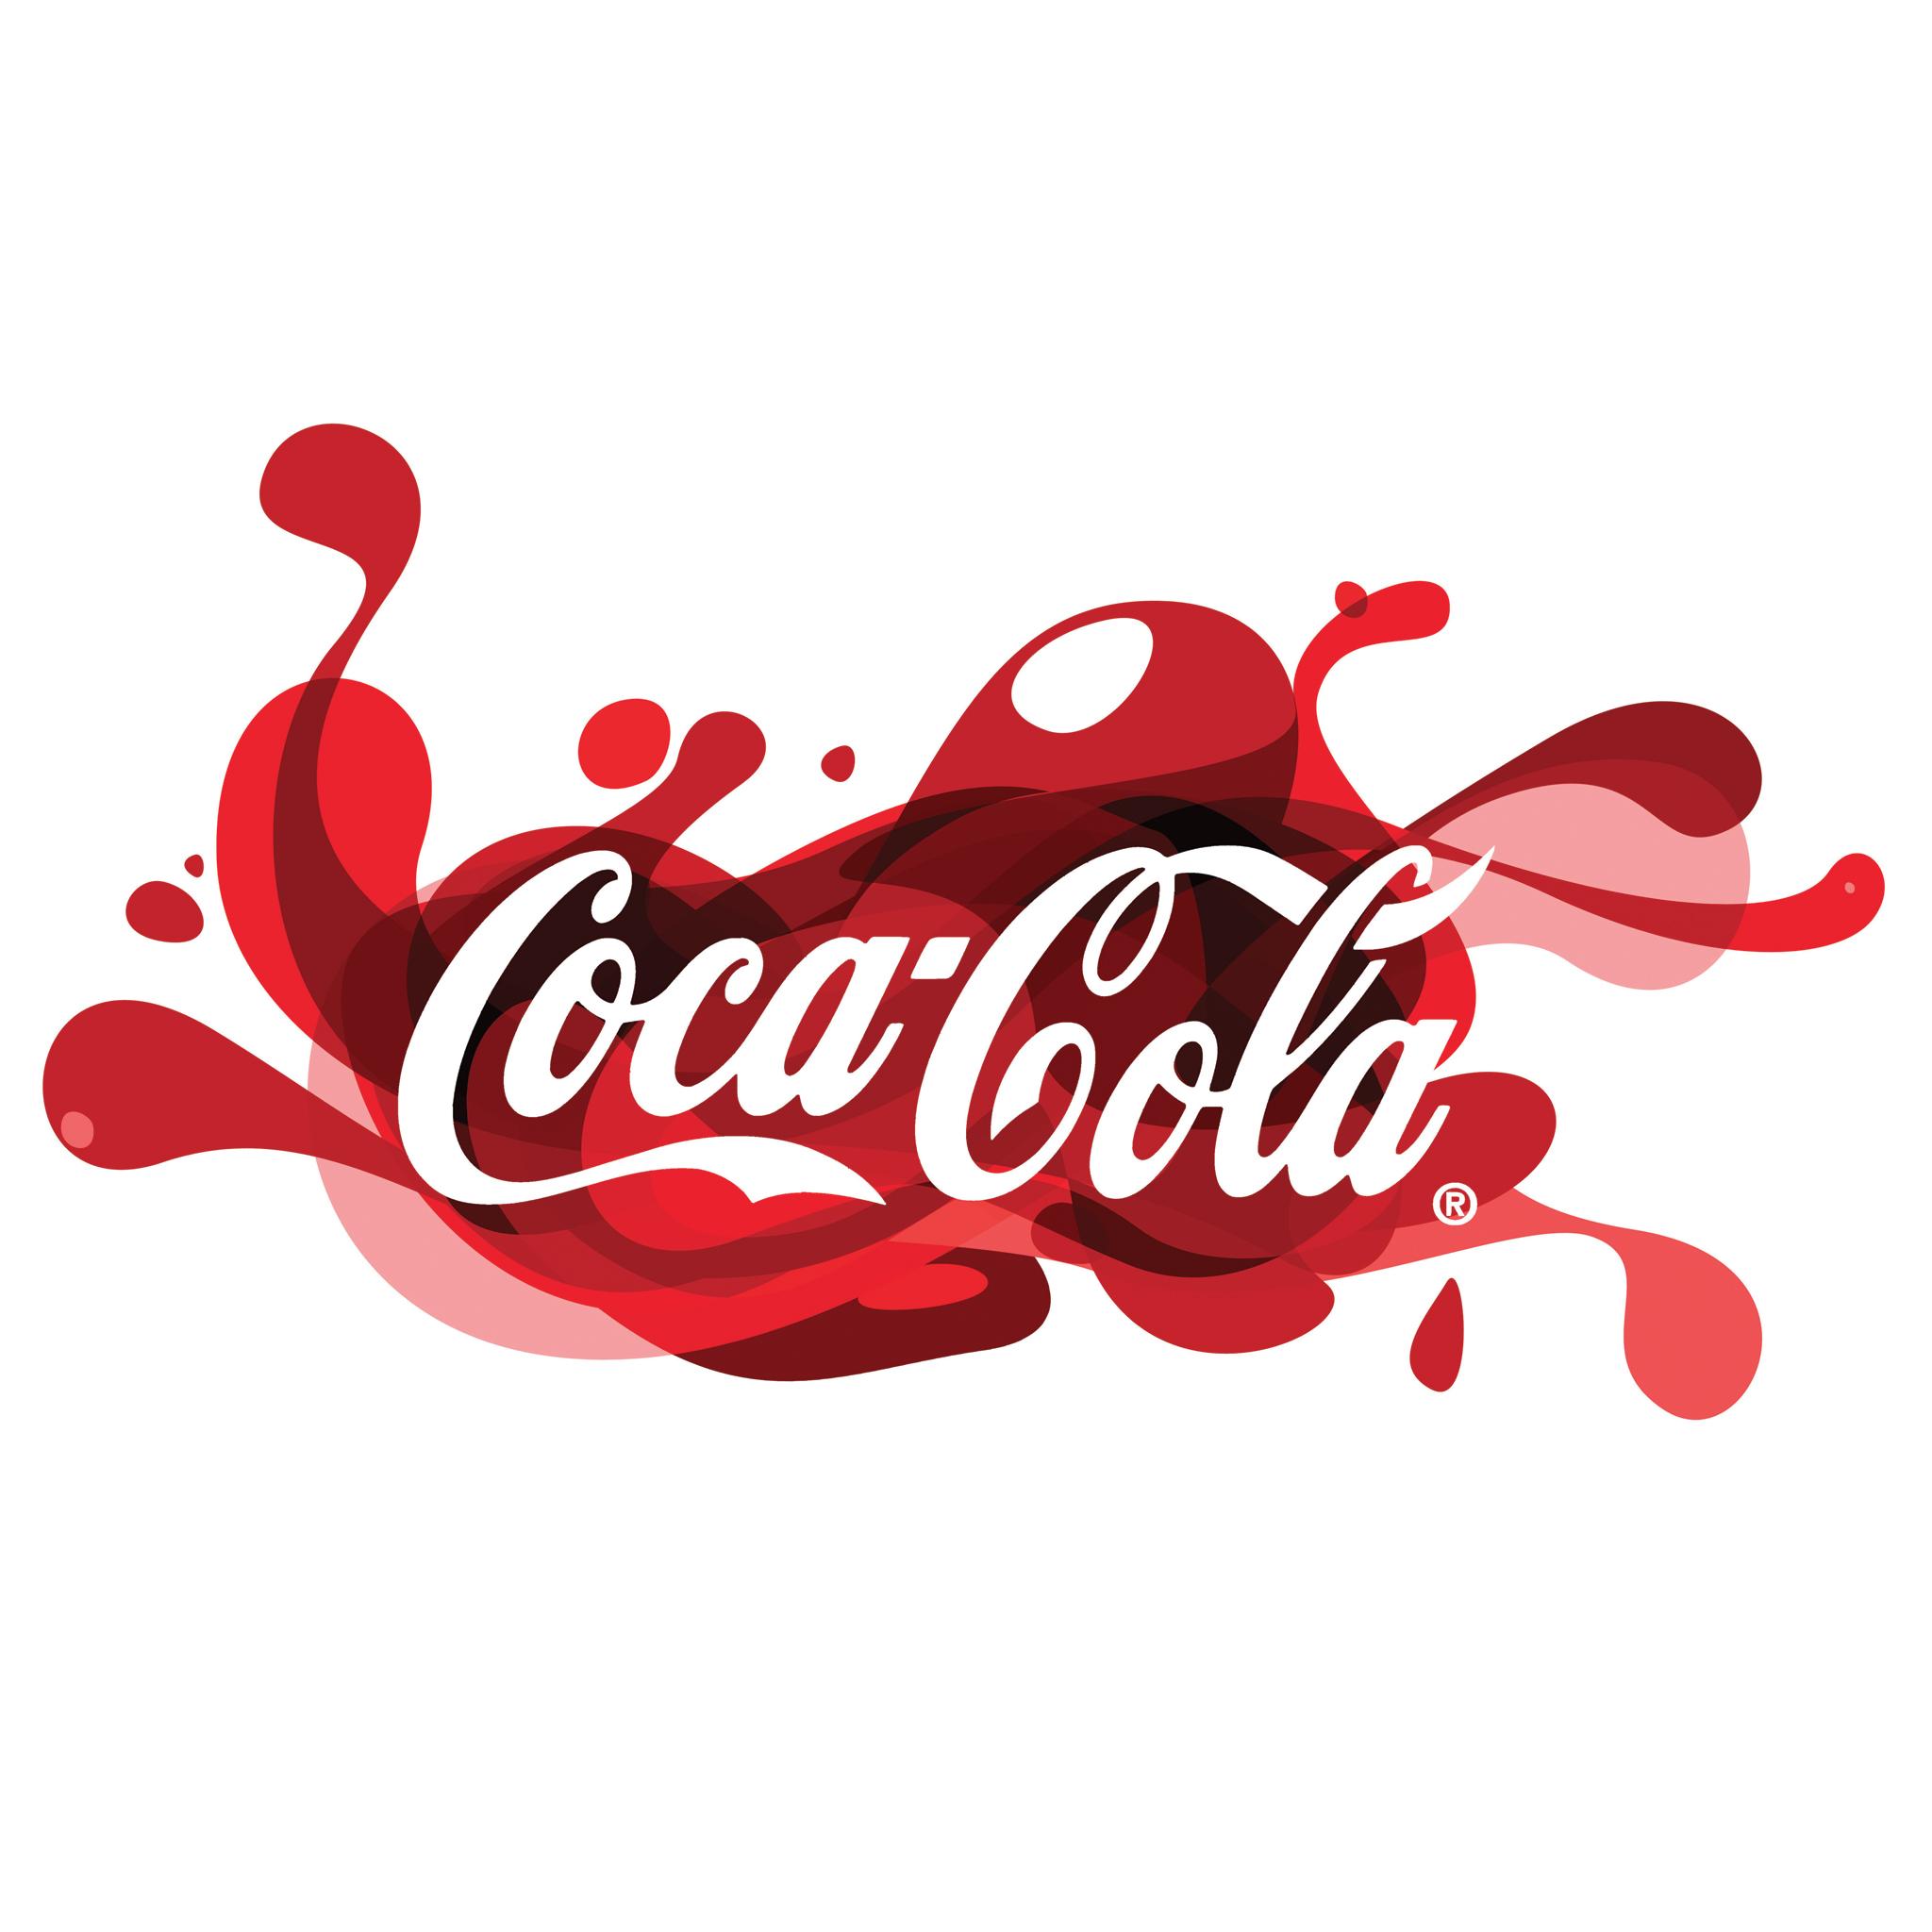 Coca Cola Splash 3Wallpapers iPad Retina Coca Cola Splash   iPad Retina